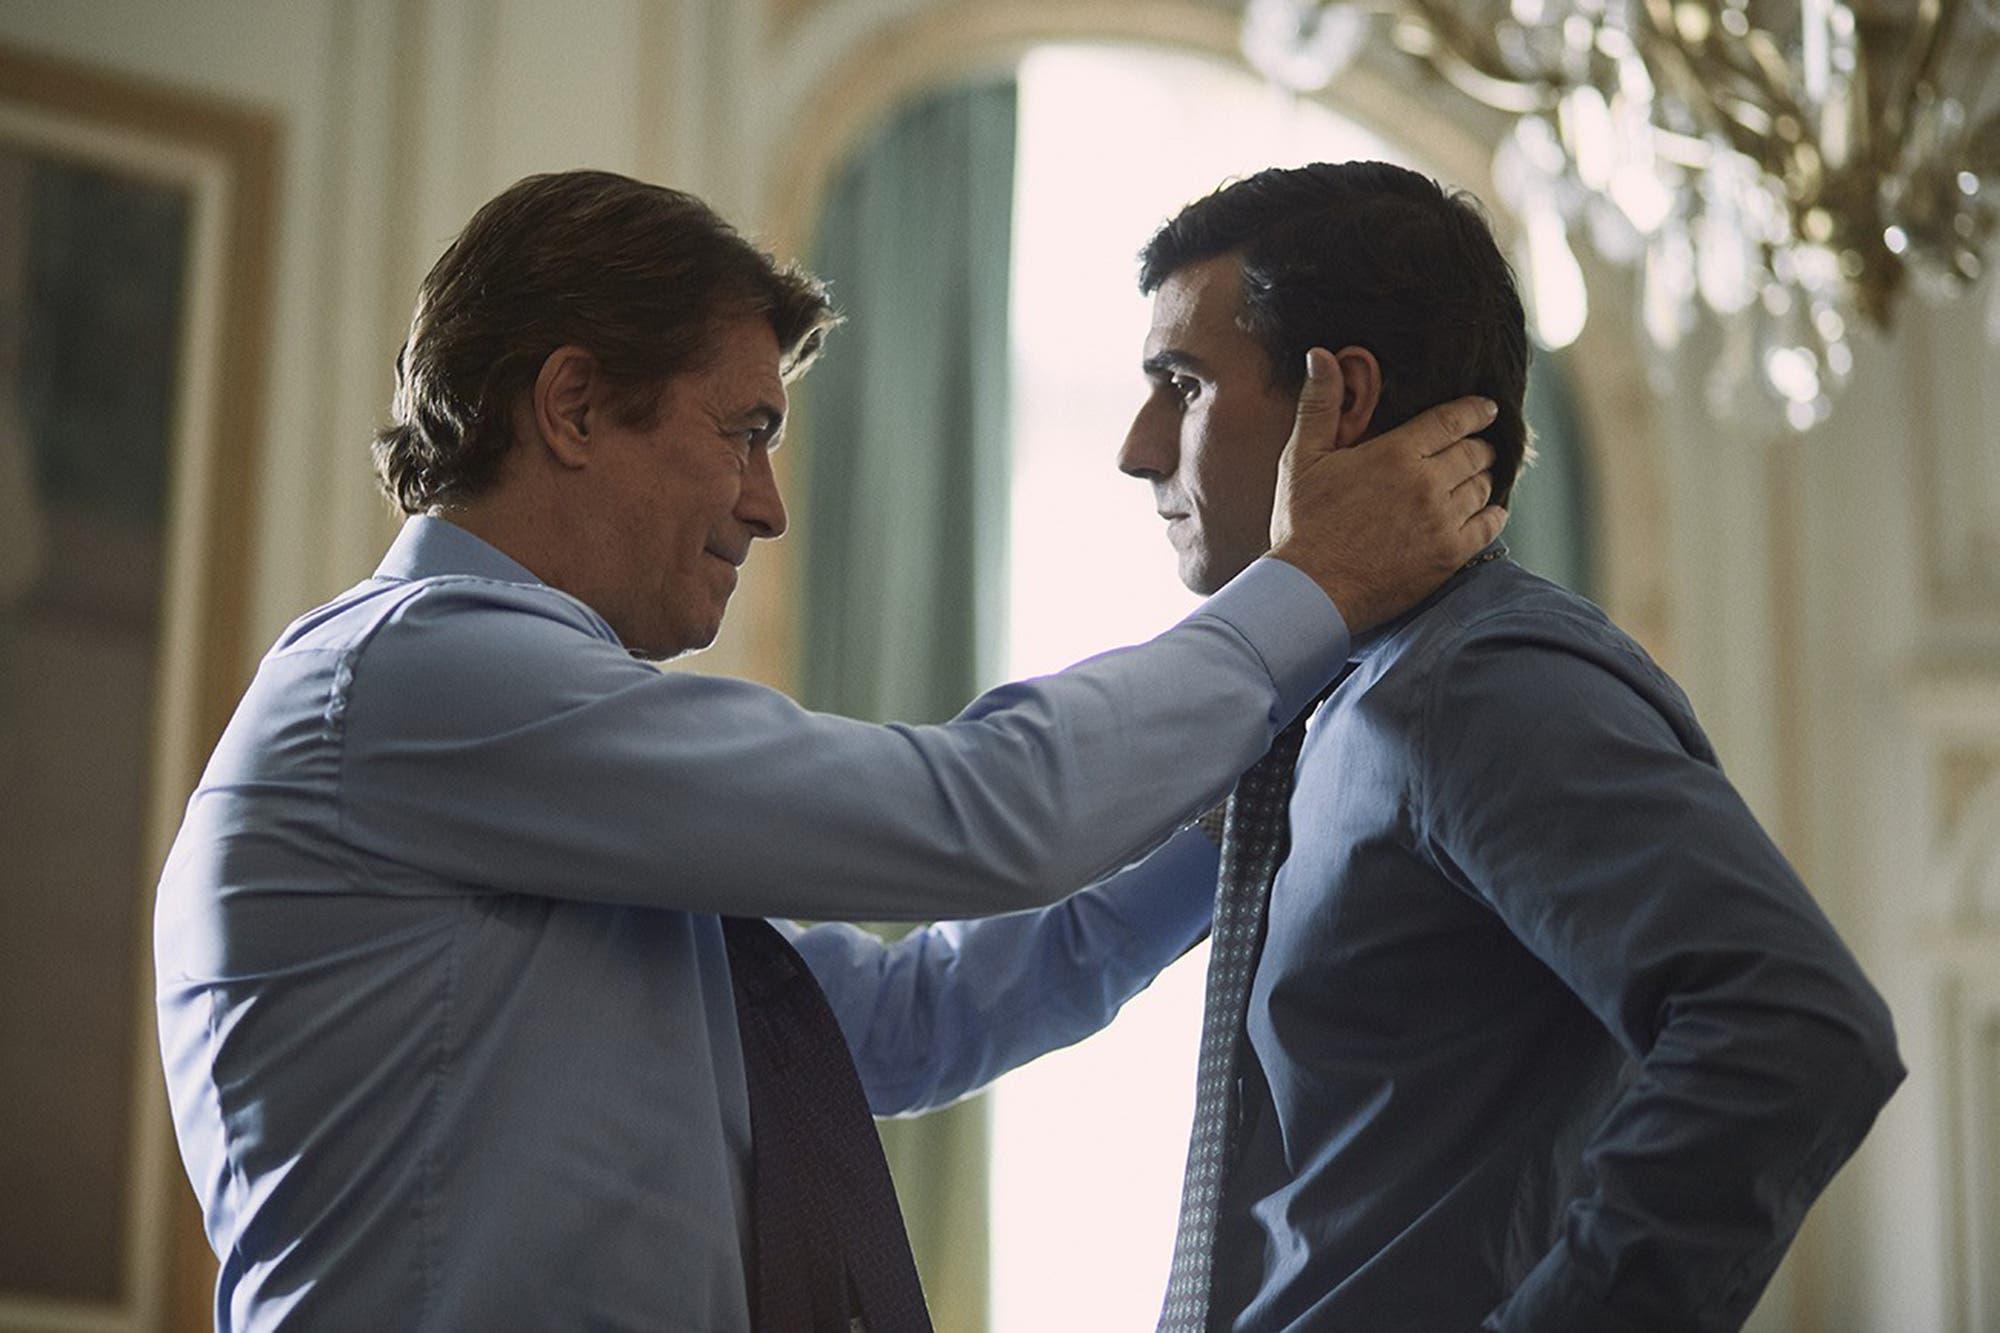 riviera:-buenos-aires,-una-muerte-y-una-corrupta-campana-politica,-en-la-nueva-temporada-de-la-serie-inglesa